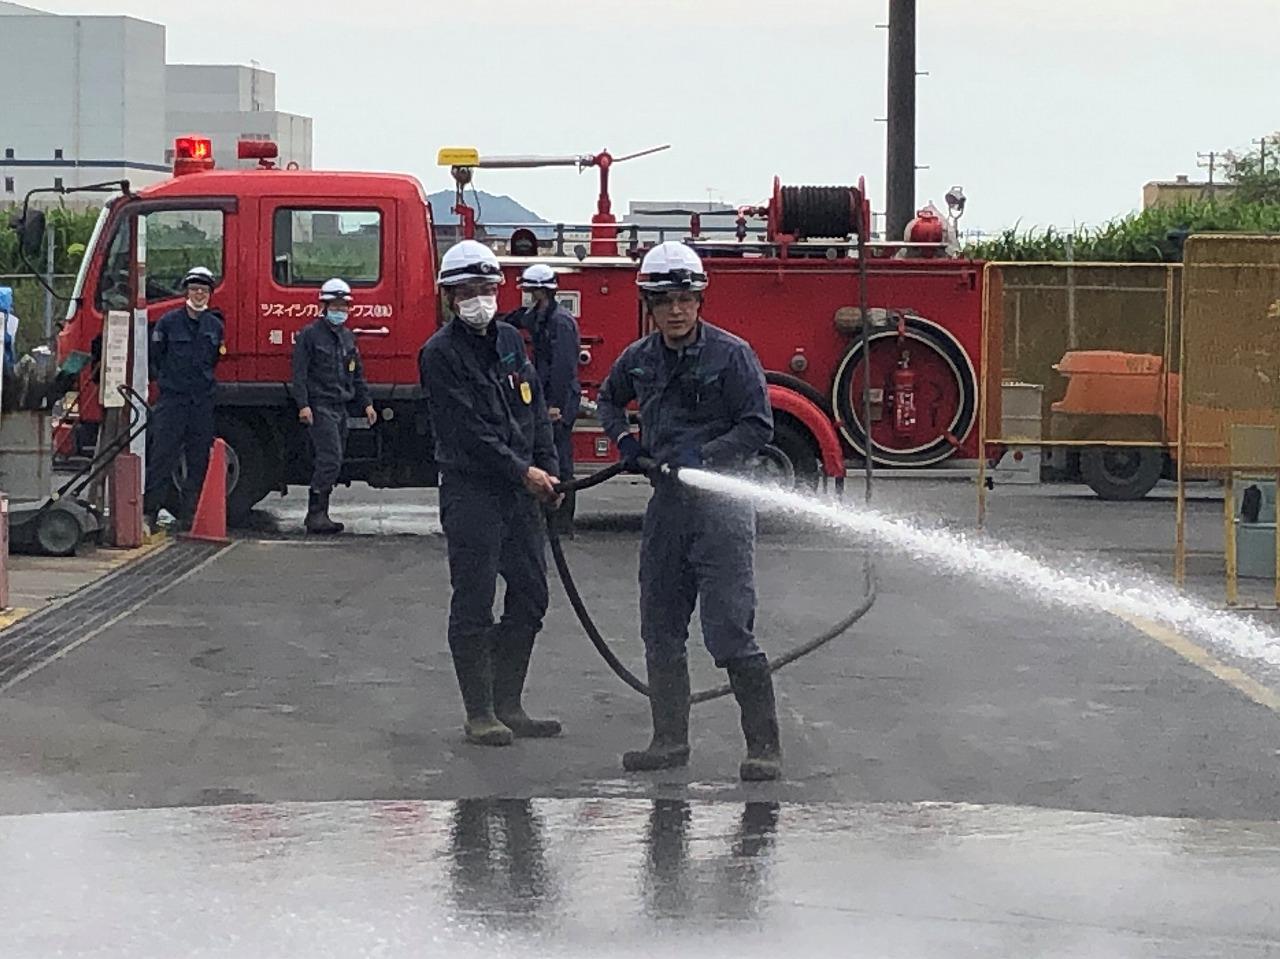 ツネイシカムテックス 消防訓練を実施 ~火災を防ぐ ・火災に備える~